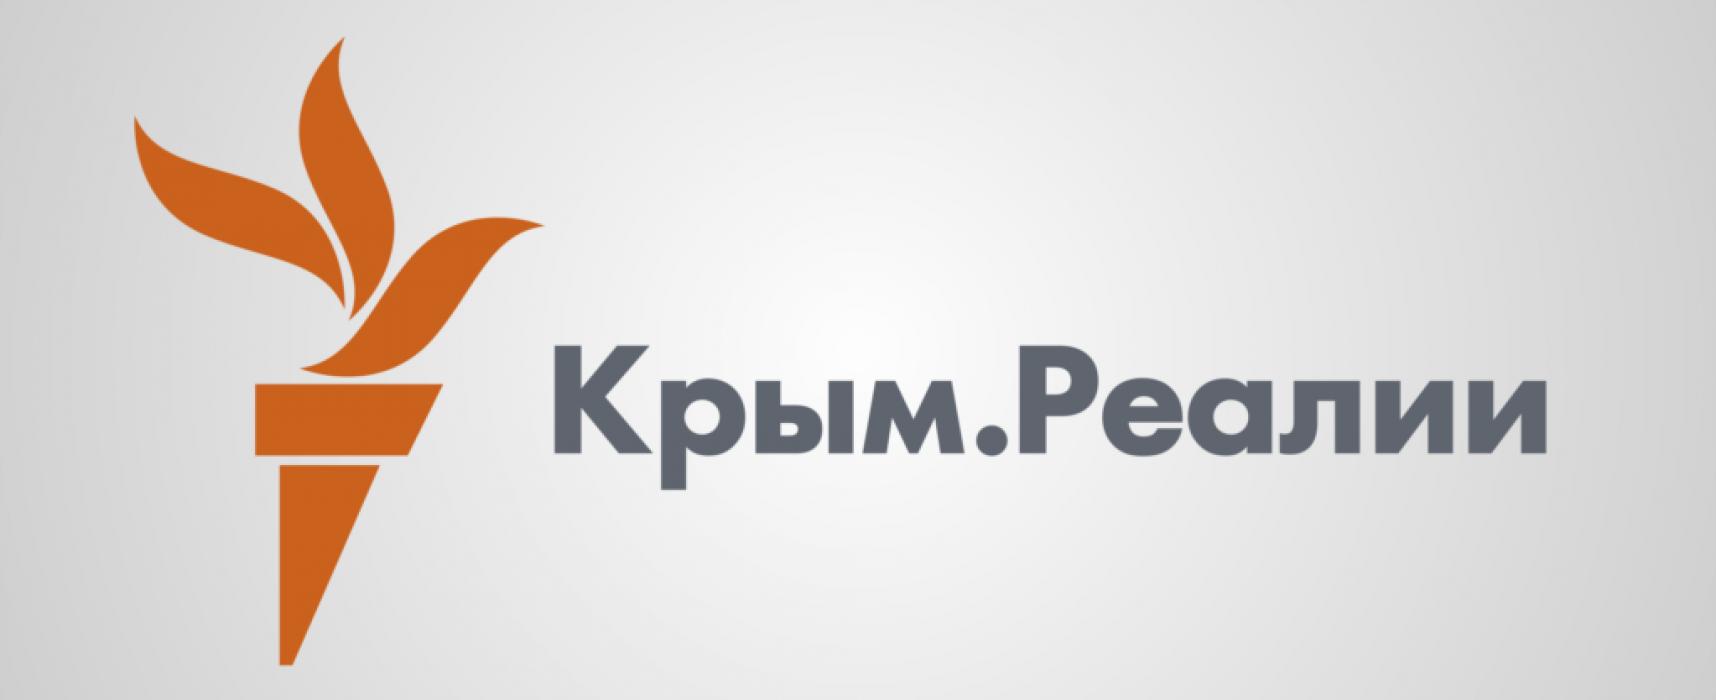 Шесть лет команда Крым.Реалии противостоит дезинформации Кремля – президент RFE/RL